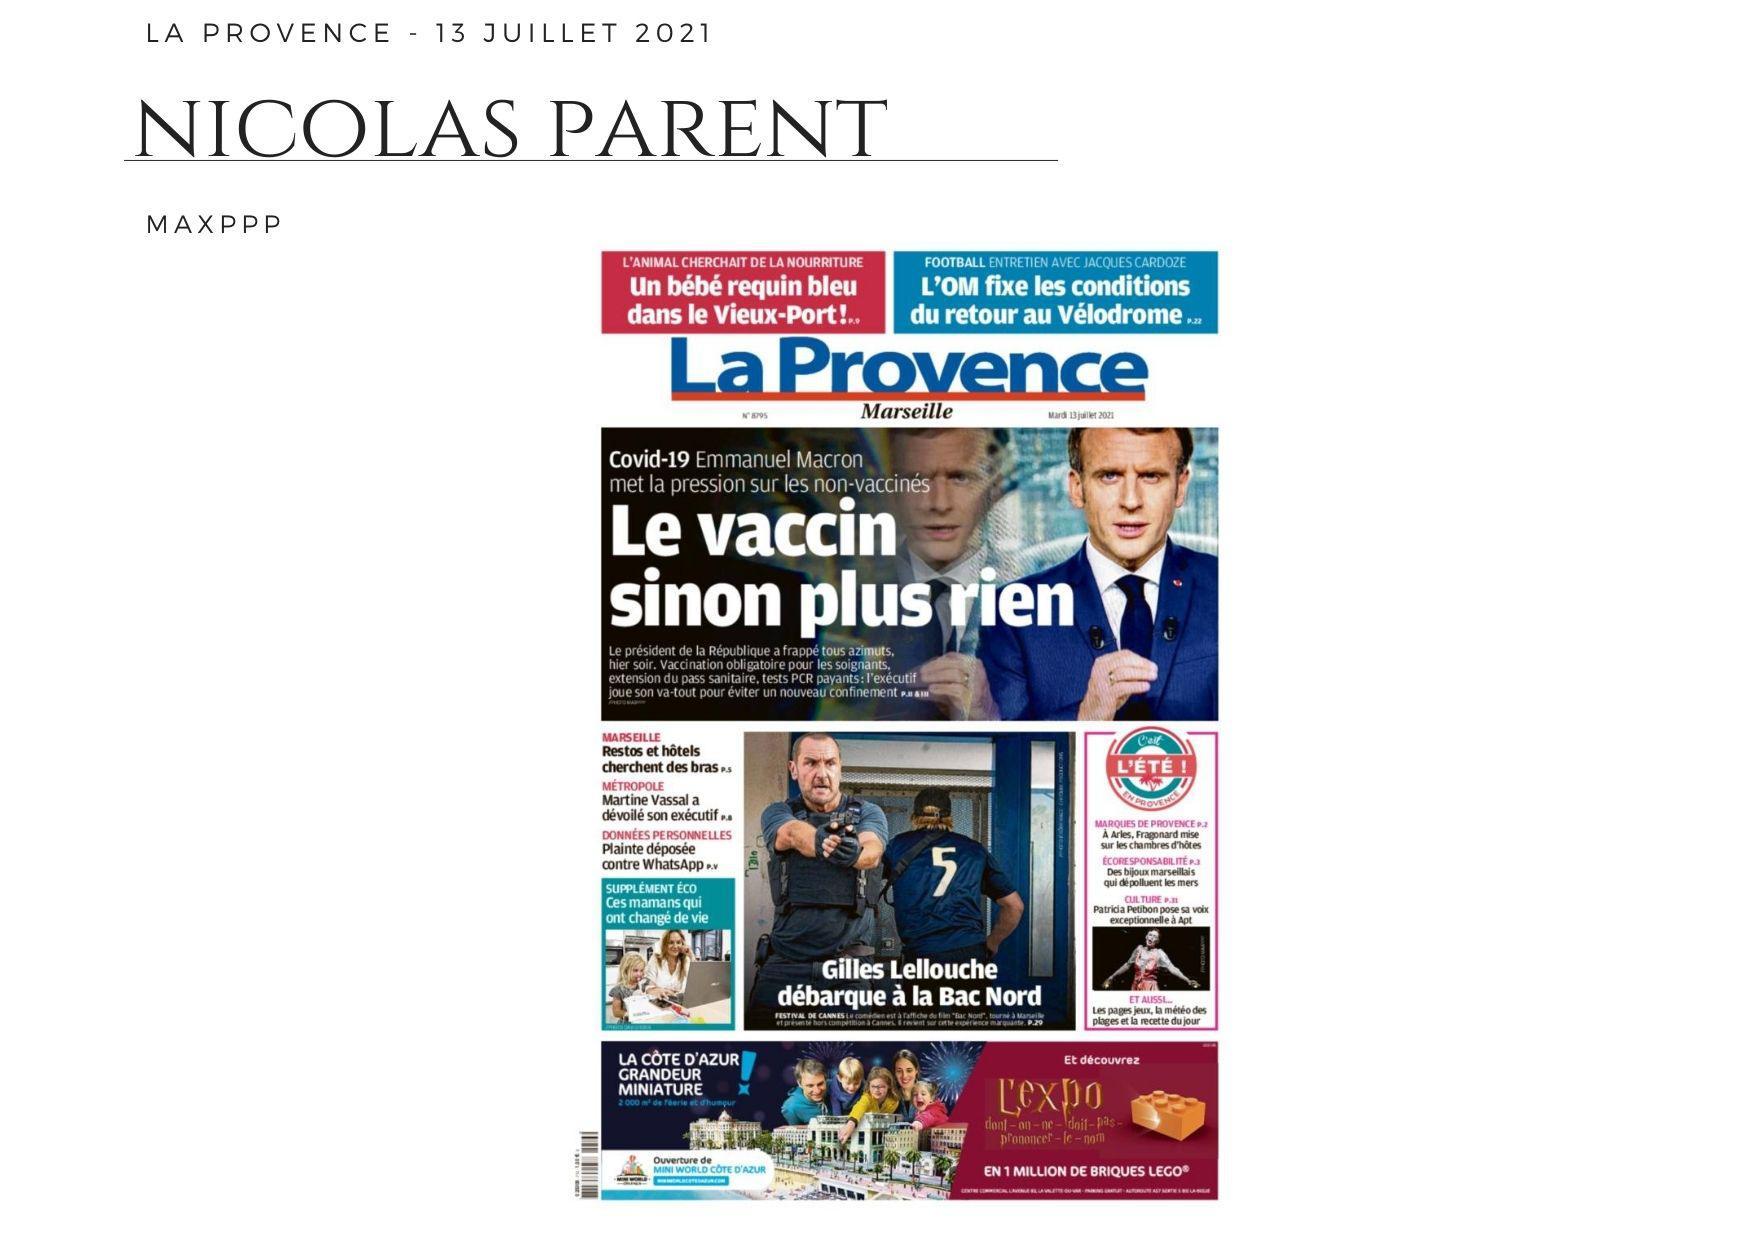 La Provence - 13 juillet 2021